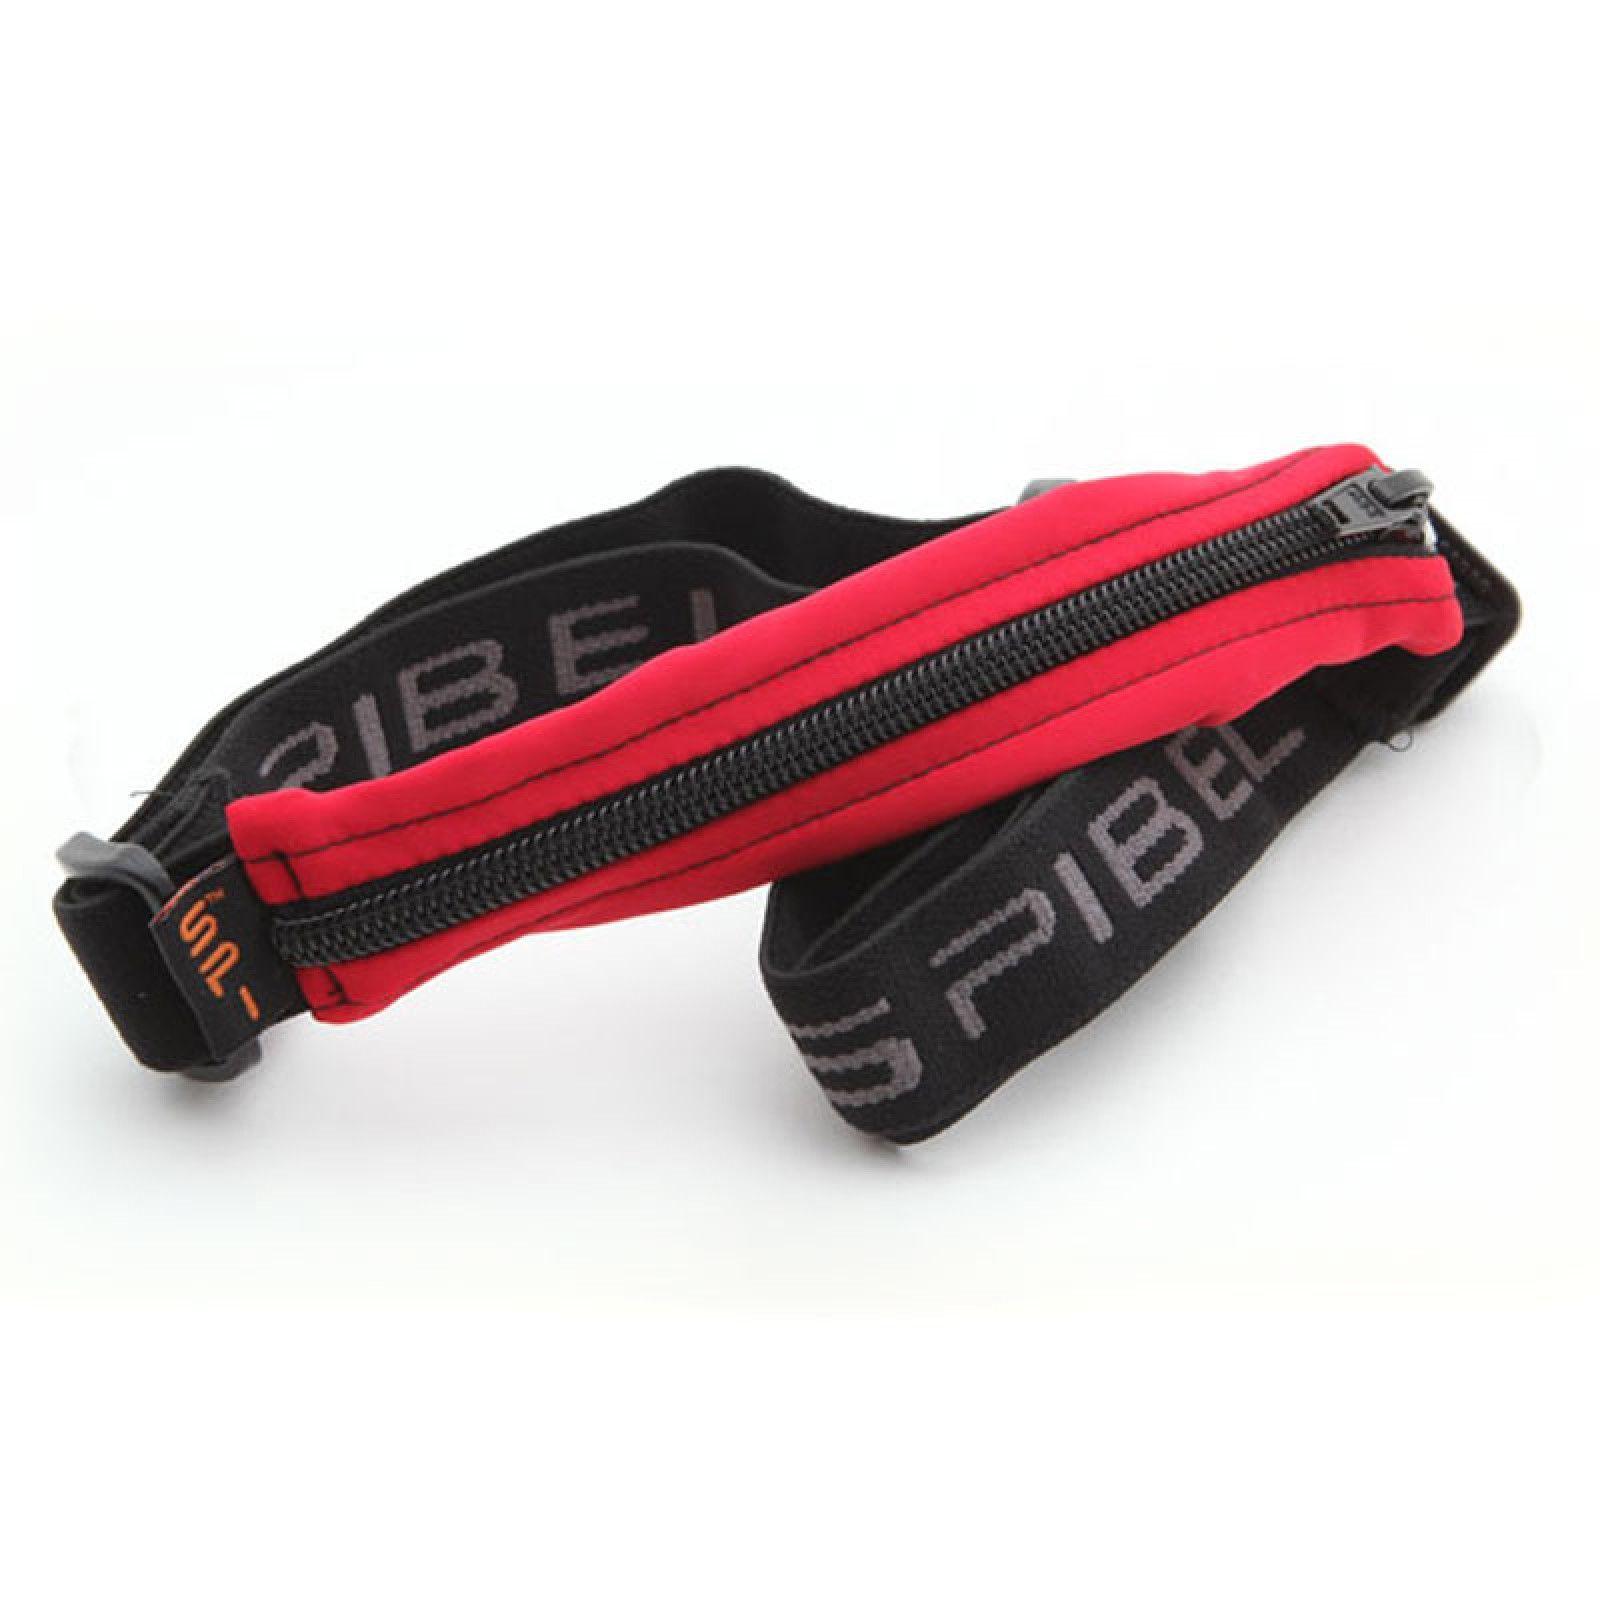 Pin on SPIbelt running belt for men and women Urbane